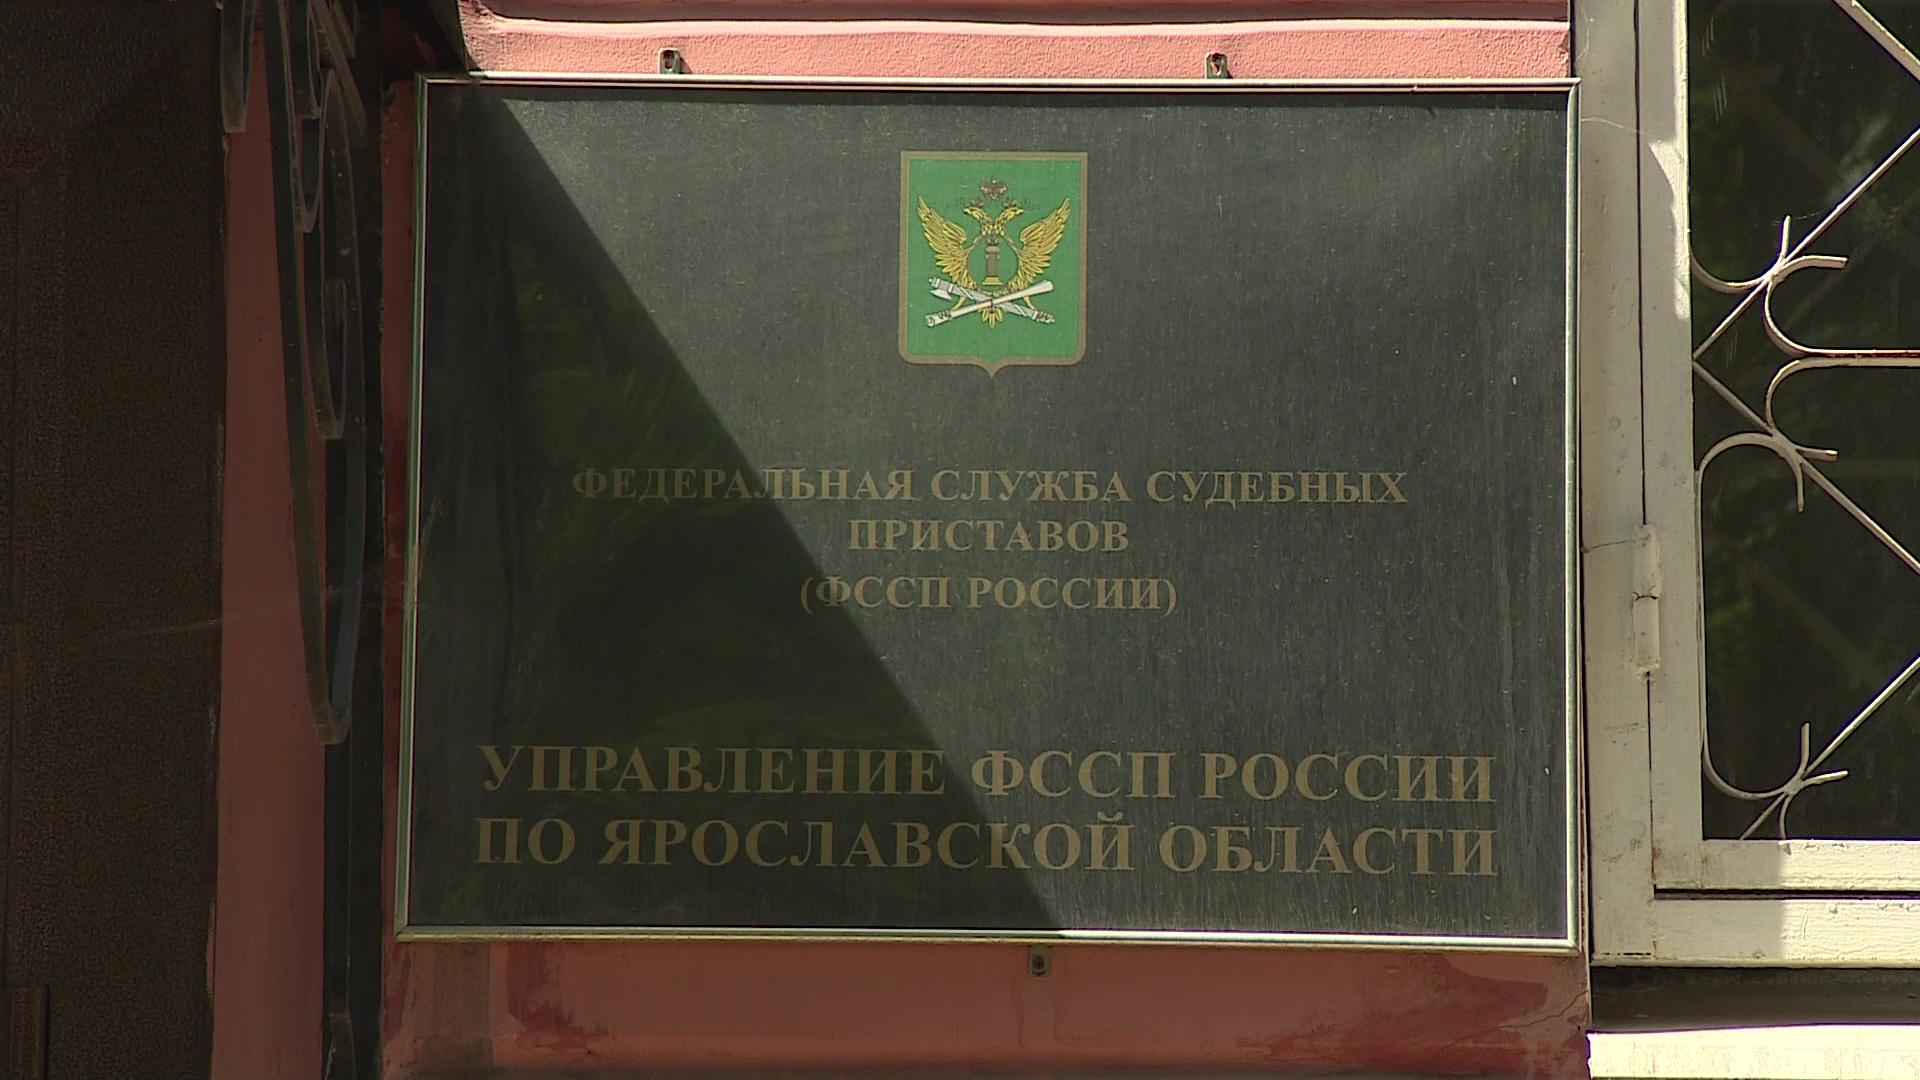 Ярославцы могут узнать о своих долгах с помощью нового онлайн-сервиса